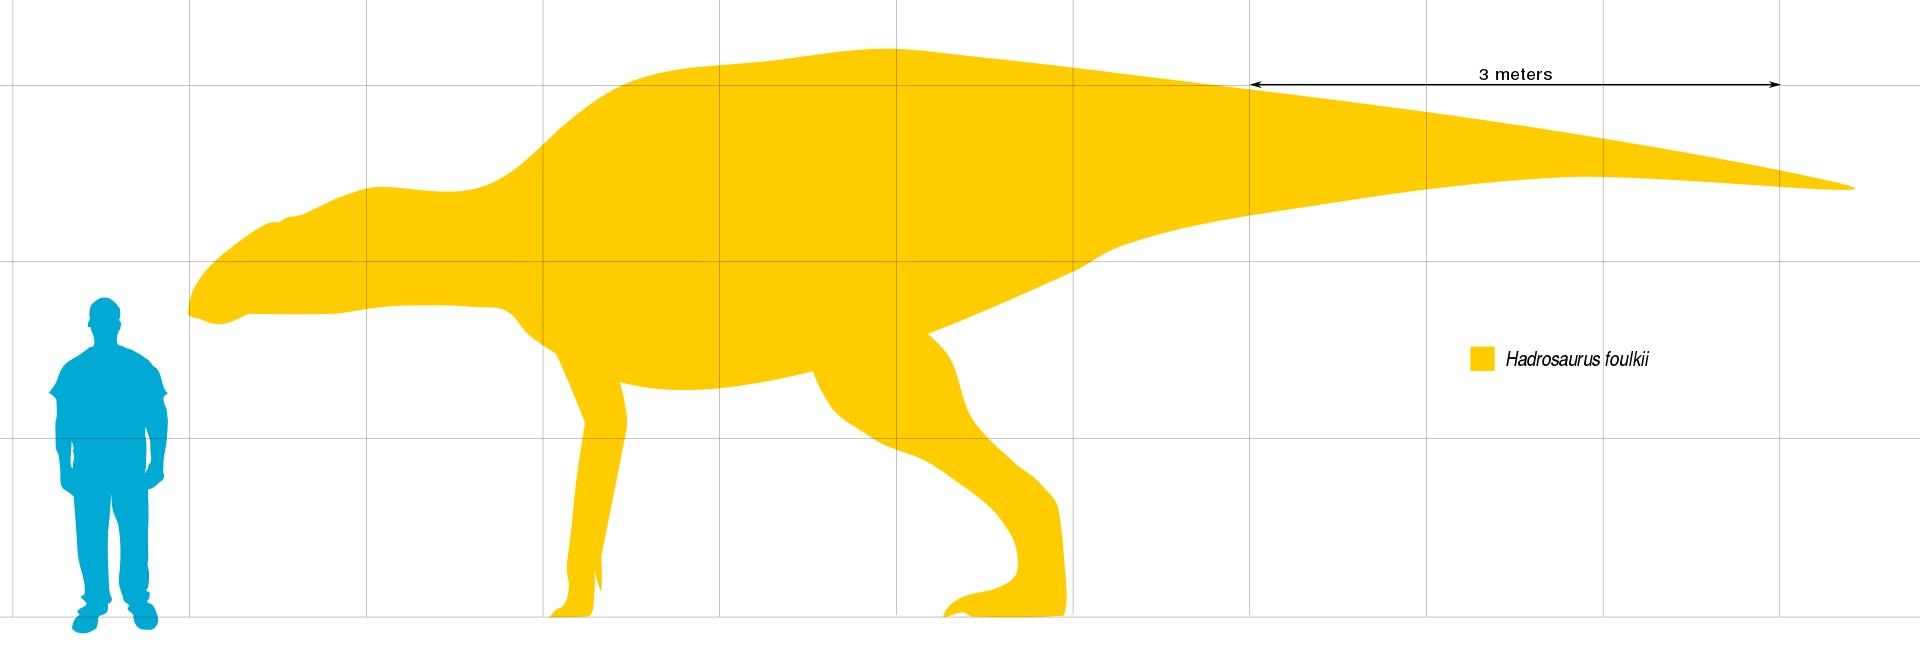 Hadrosaurus foulkii byl středně velkým hadrosauridem, dosahujícím délky v rozmezí 7 až 9 metrů a hmotnosti několika tun. Žil v době před zhruba 80 miliony let a patří tak k vývojově starším zástupcům své čeledi. O jeho životním prostředí a predátorec